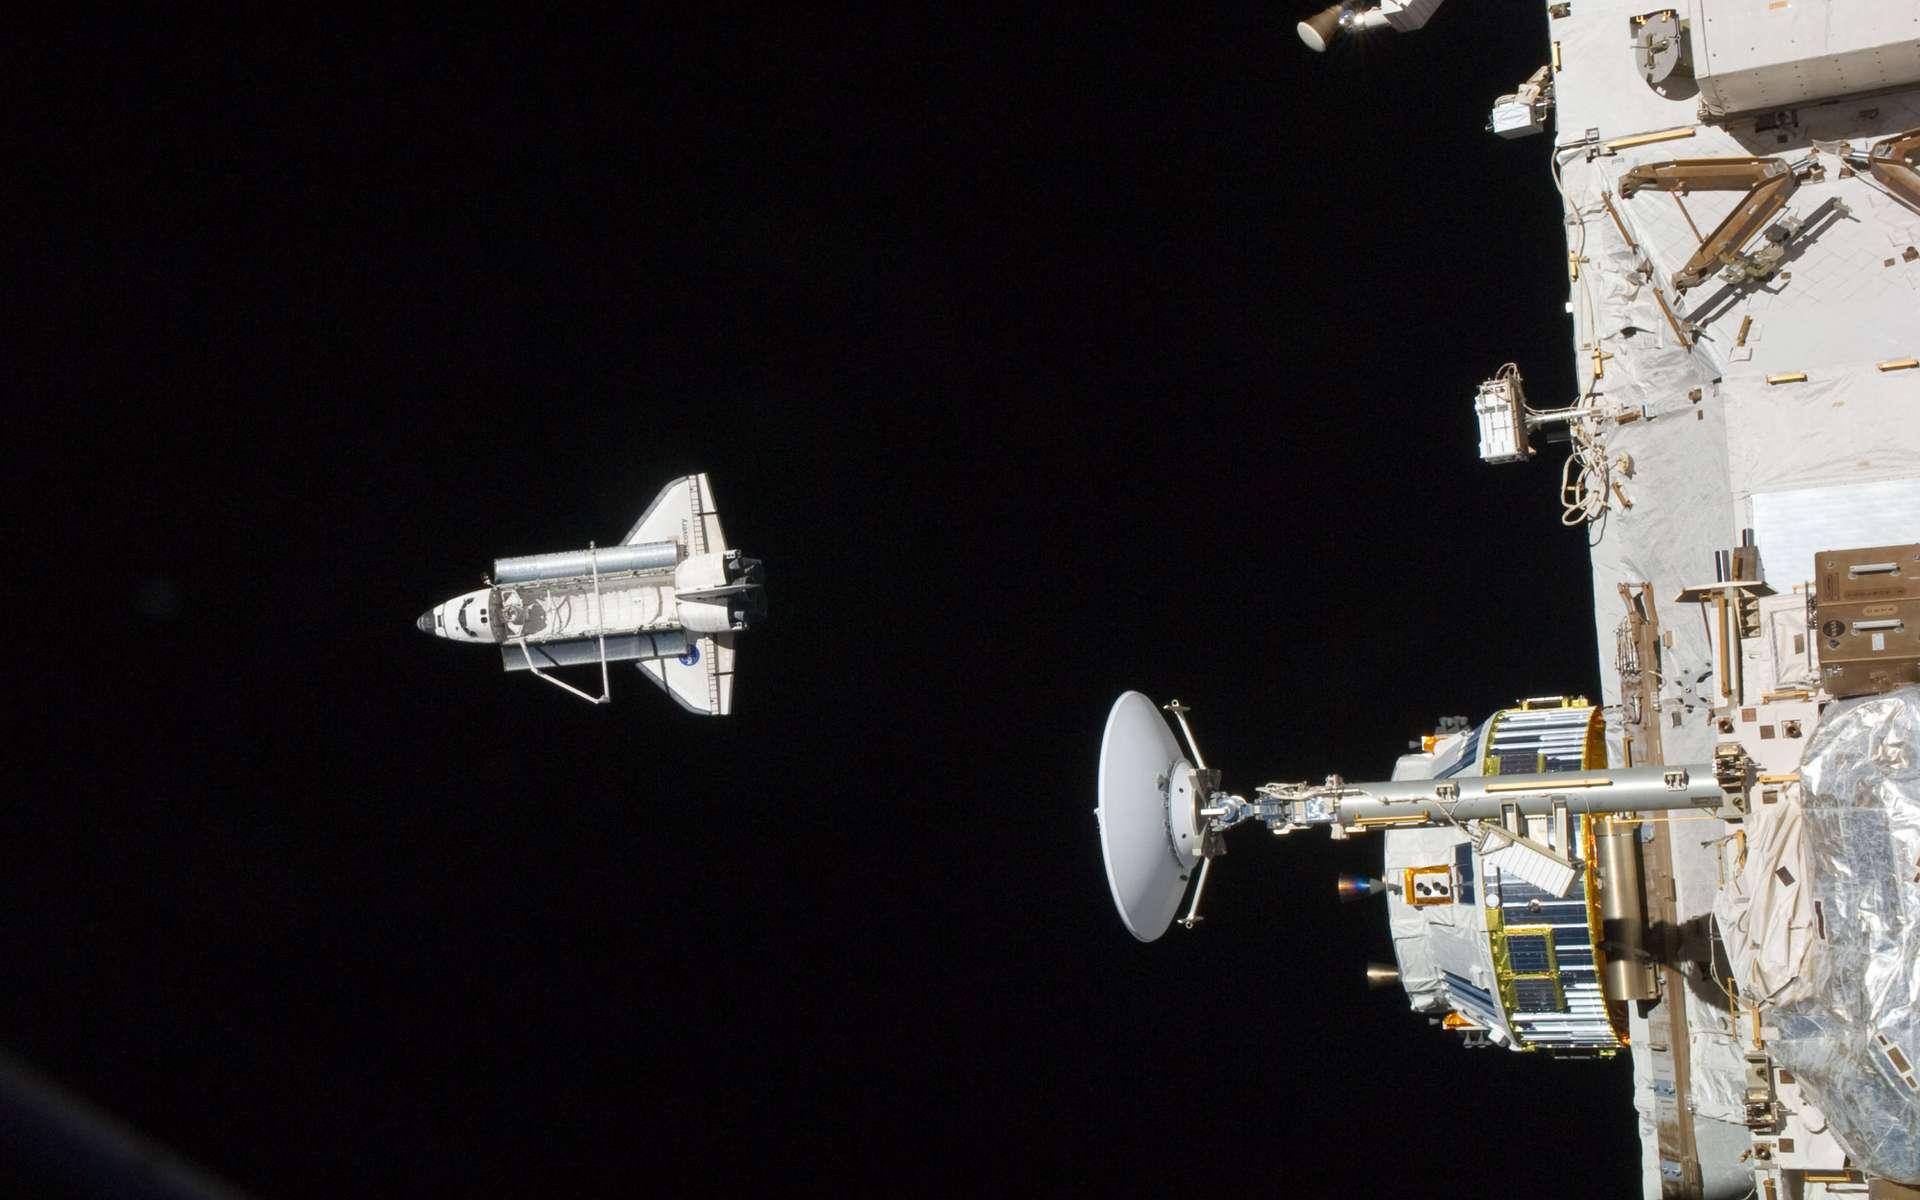 Après s'être désarrimée de la Station lundi, Discovery a entamé son voyage du retour. Des sept passagers du départ, seuls six redescendent sur Terre. Le septième, Robonaut 2, est resté à bord de la Station et servira d'assistant aux astronautes à bord du complexe orbital. © Nasa